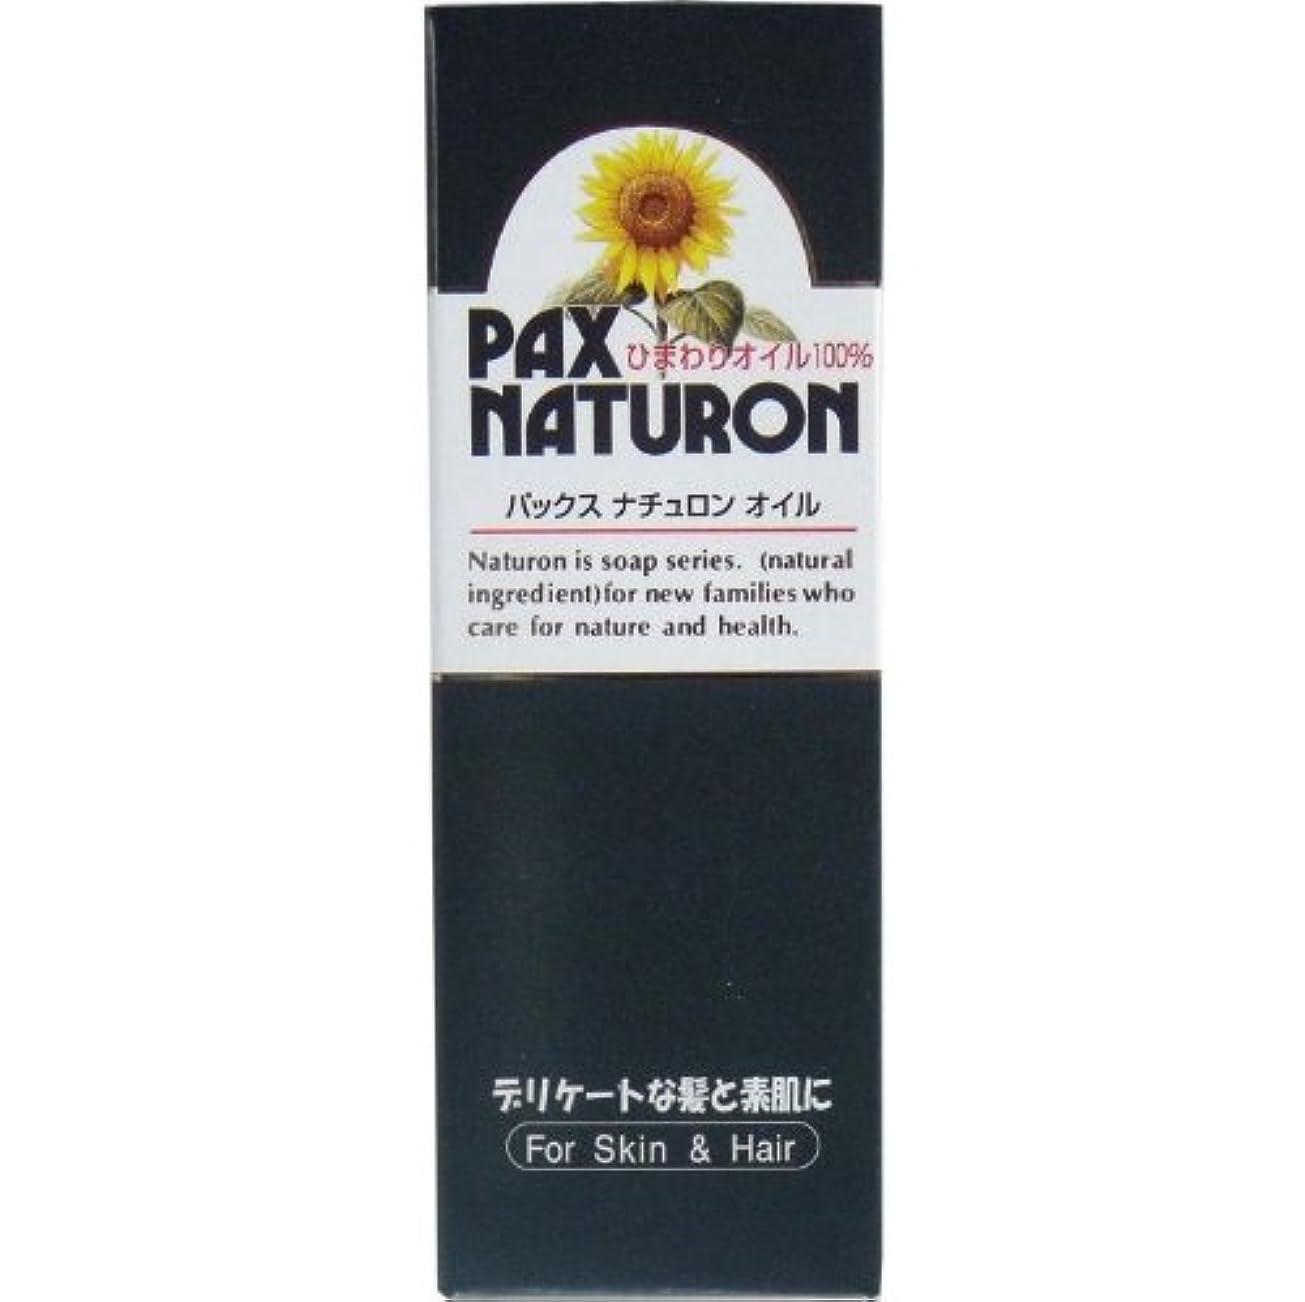 実験息を切らしてスカートデリケートな髪と素肌に!ひまわりの種子から採った ハイオレイックひまわり油 60mL【2個セット】